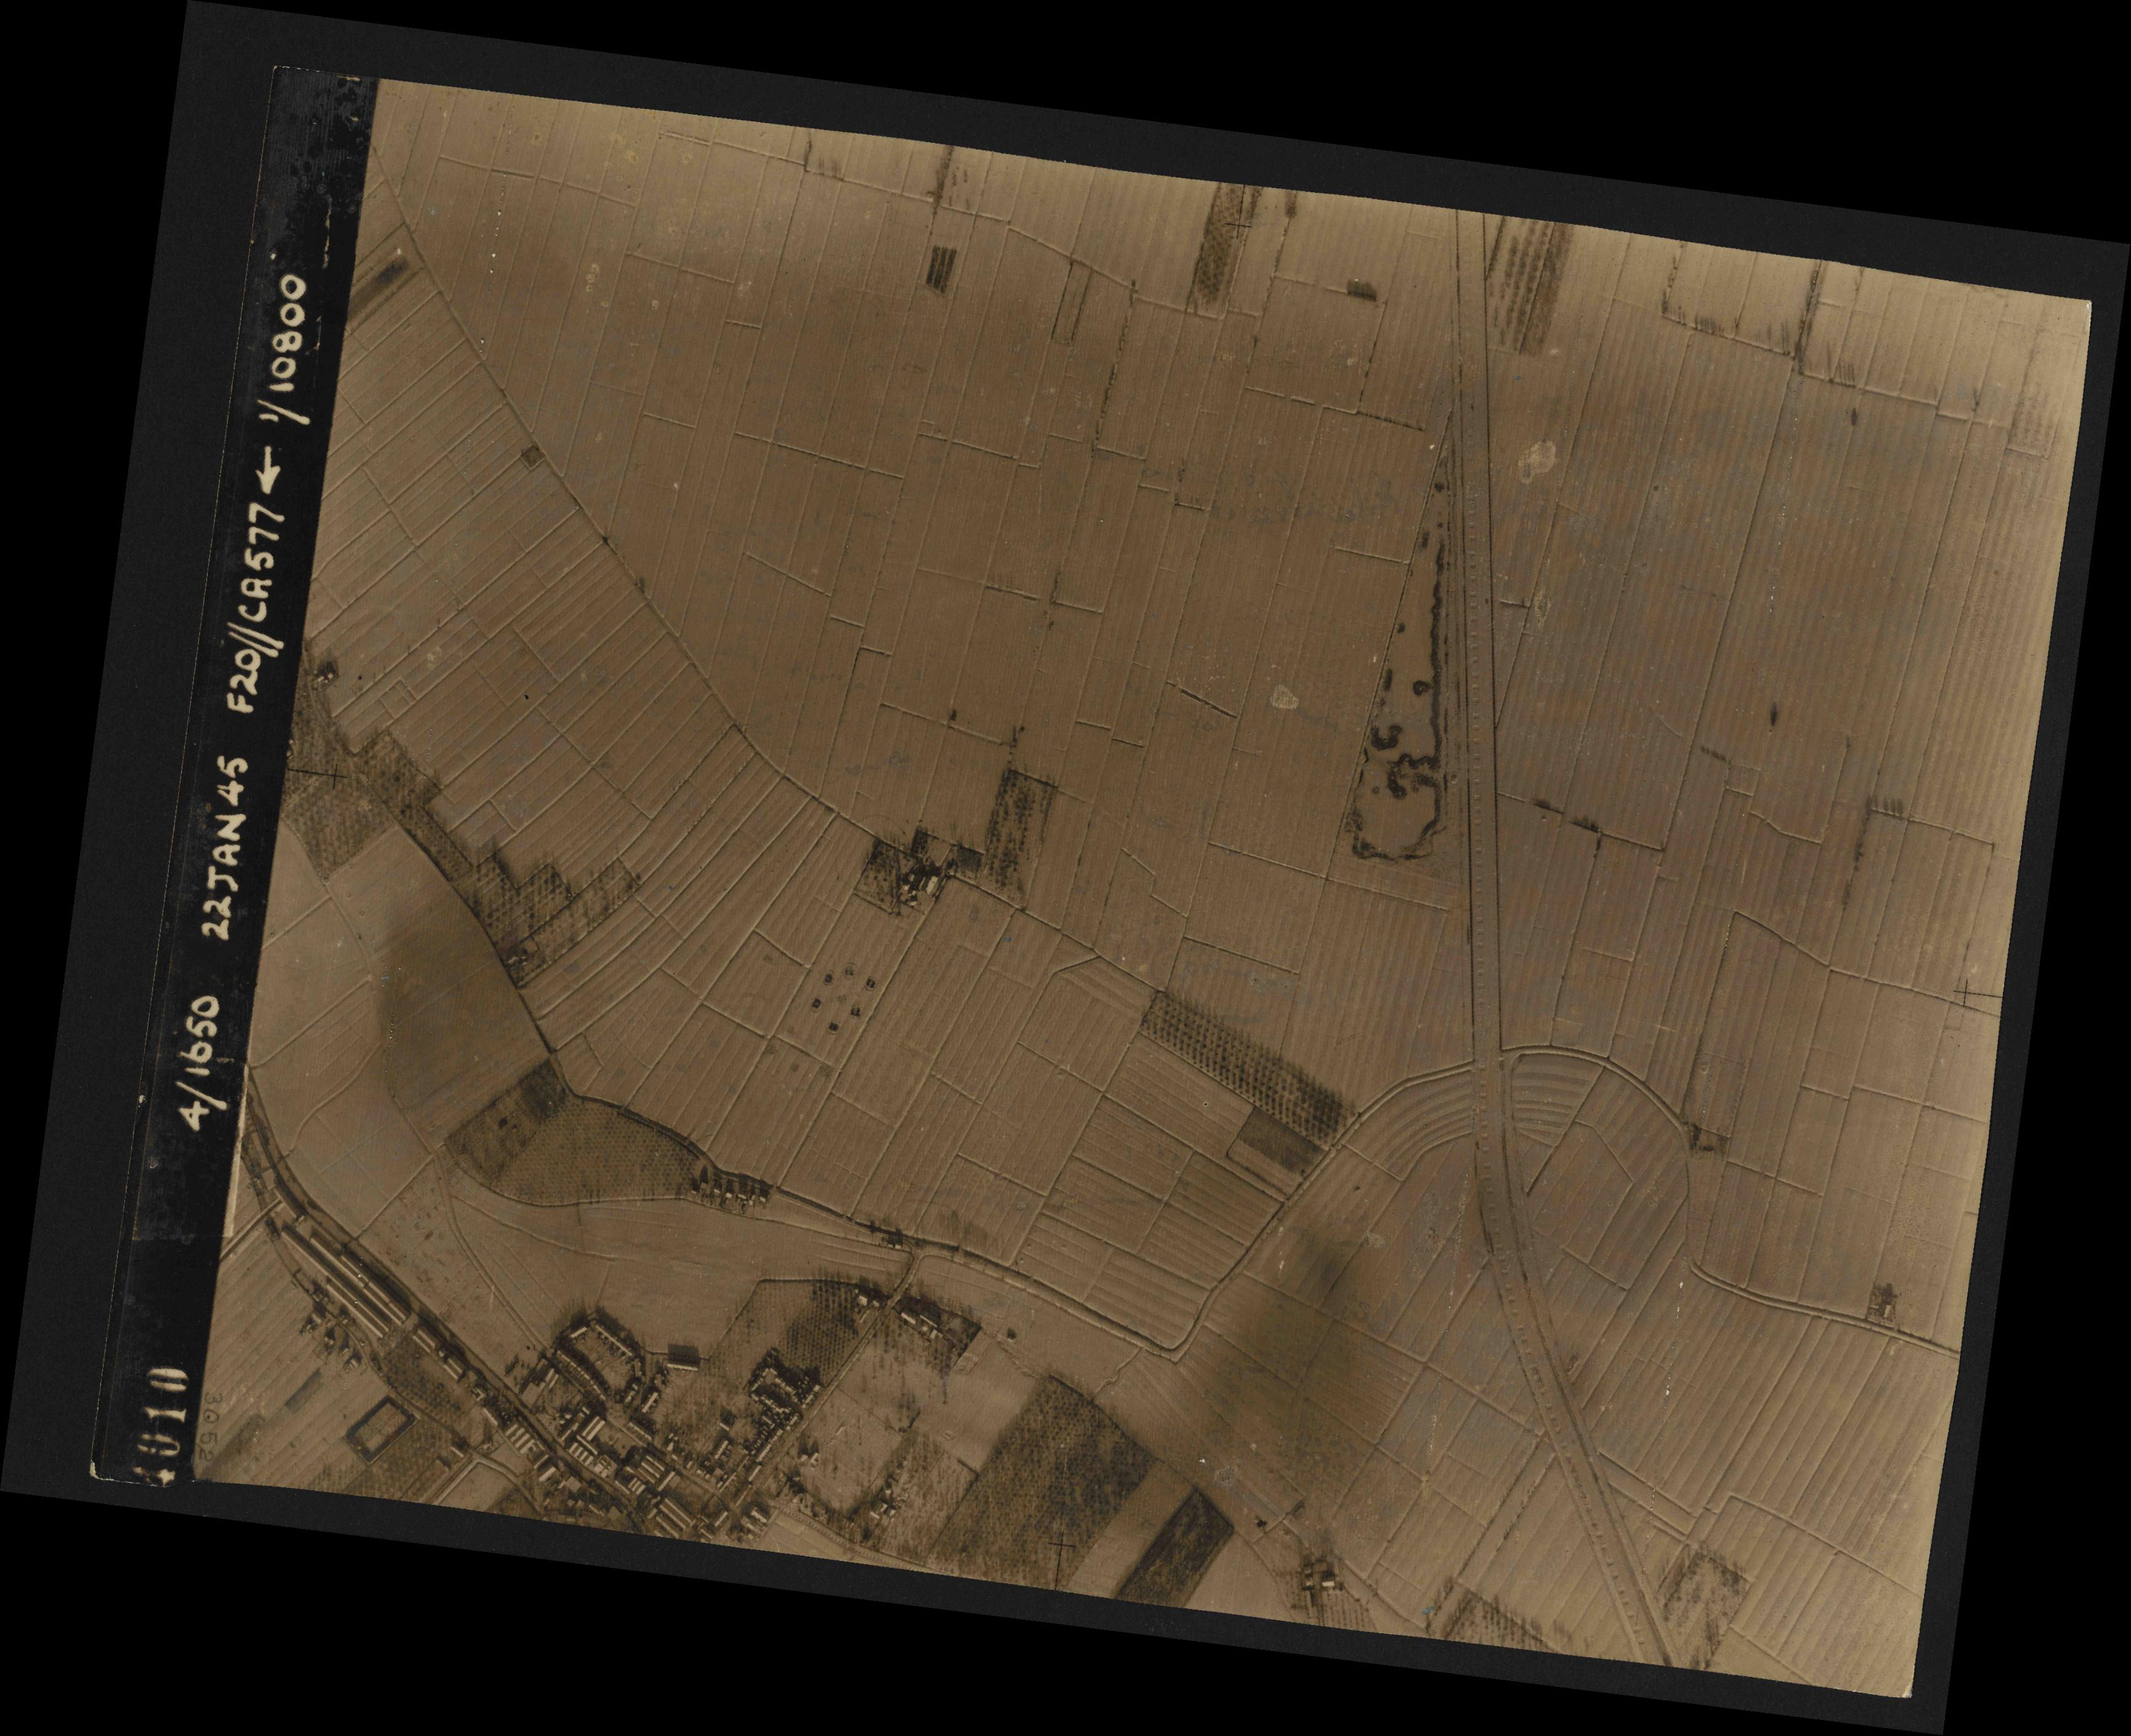 Collection RAF aerial photos 1940-1945 - flight 098, run 07, photo 4010